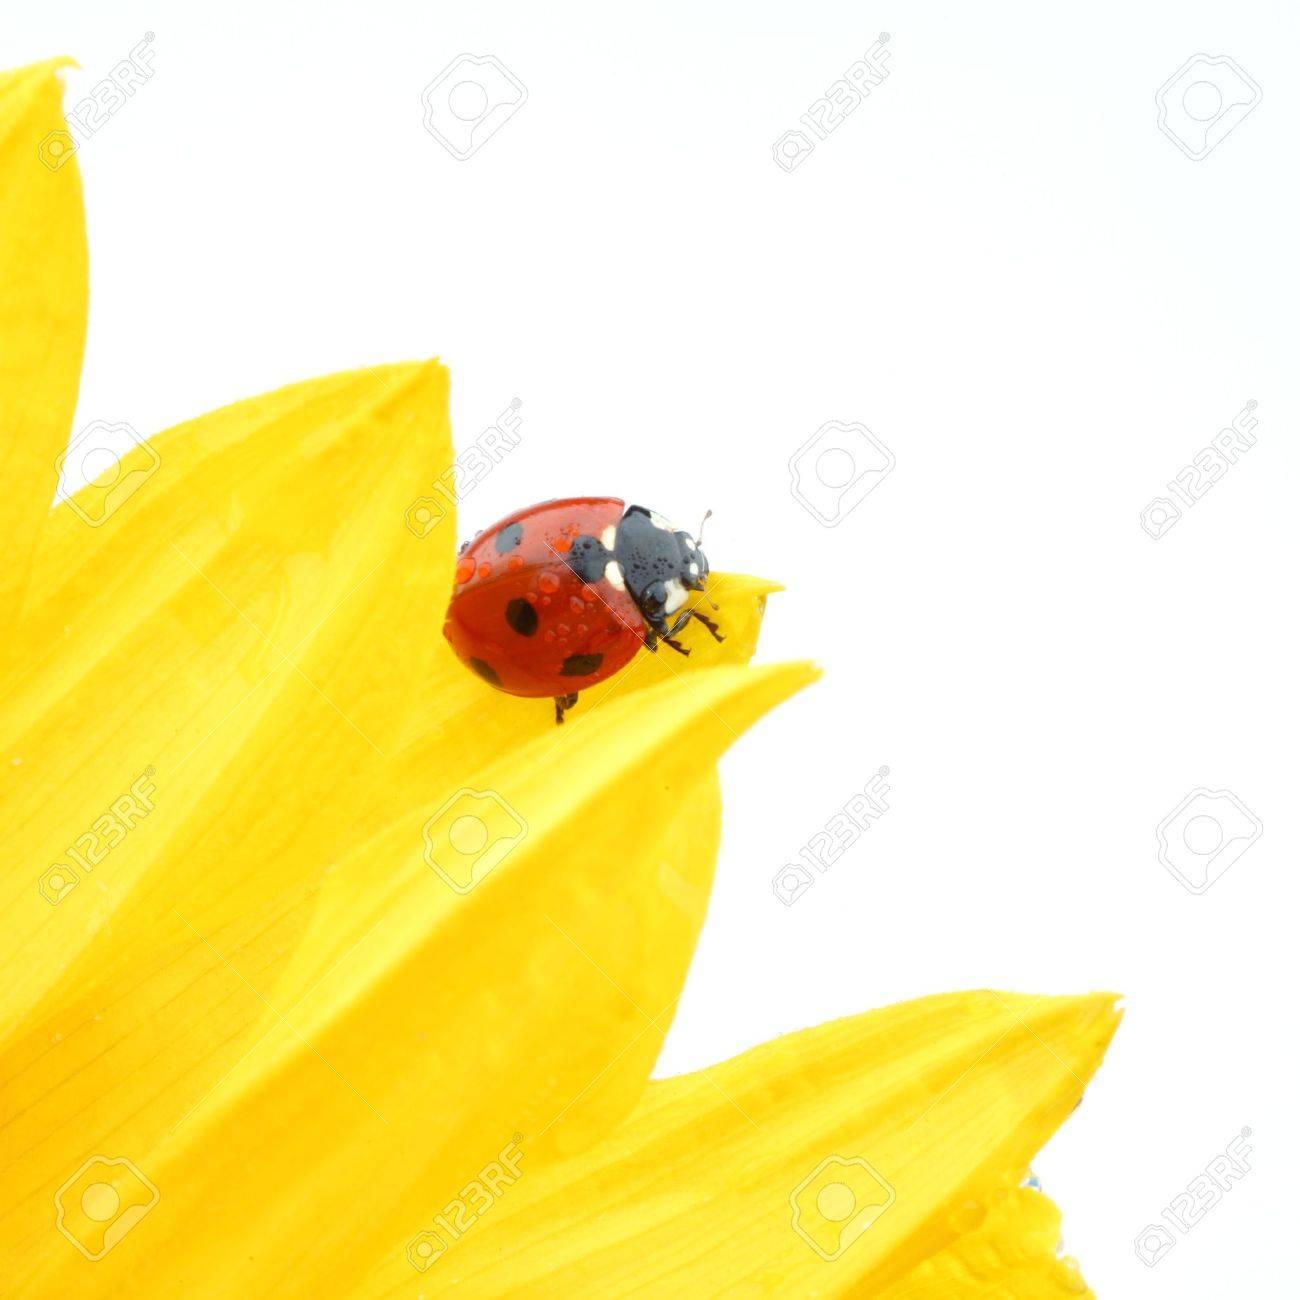 ladybug on sunflower isolated white background Stock Photo - 10164282